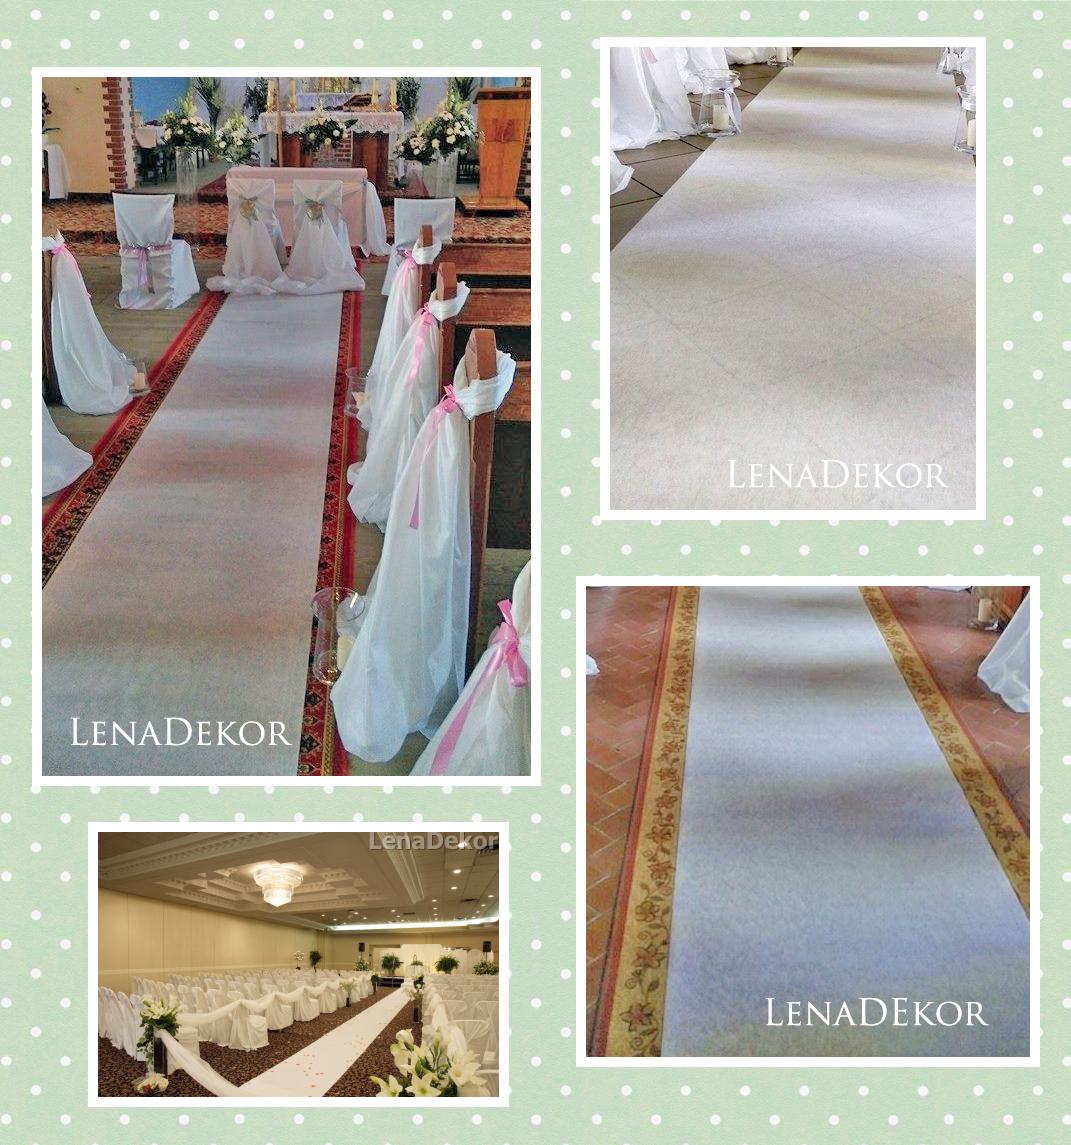 CHODNIK 25m dywan BIAŁY szer. 90cm do kościoła na ślub